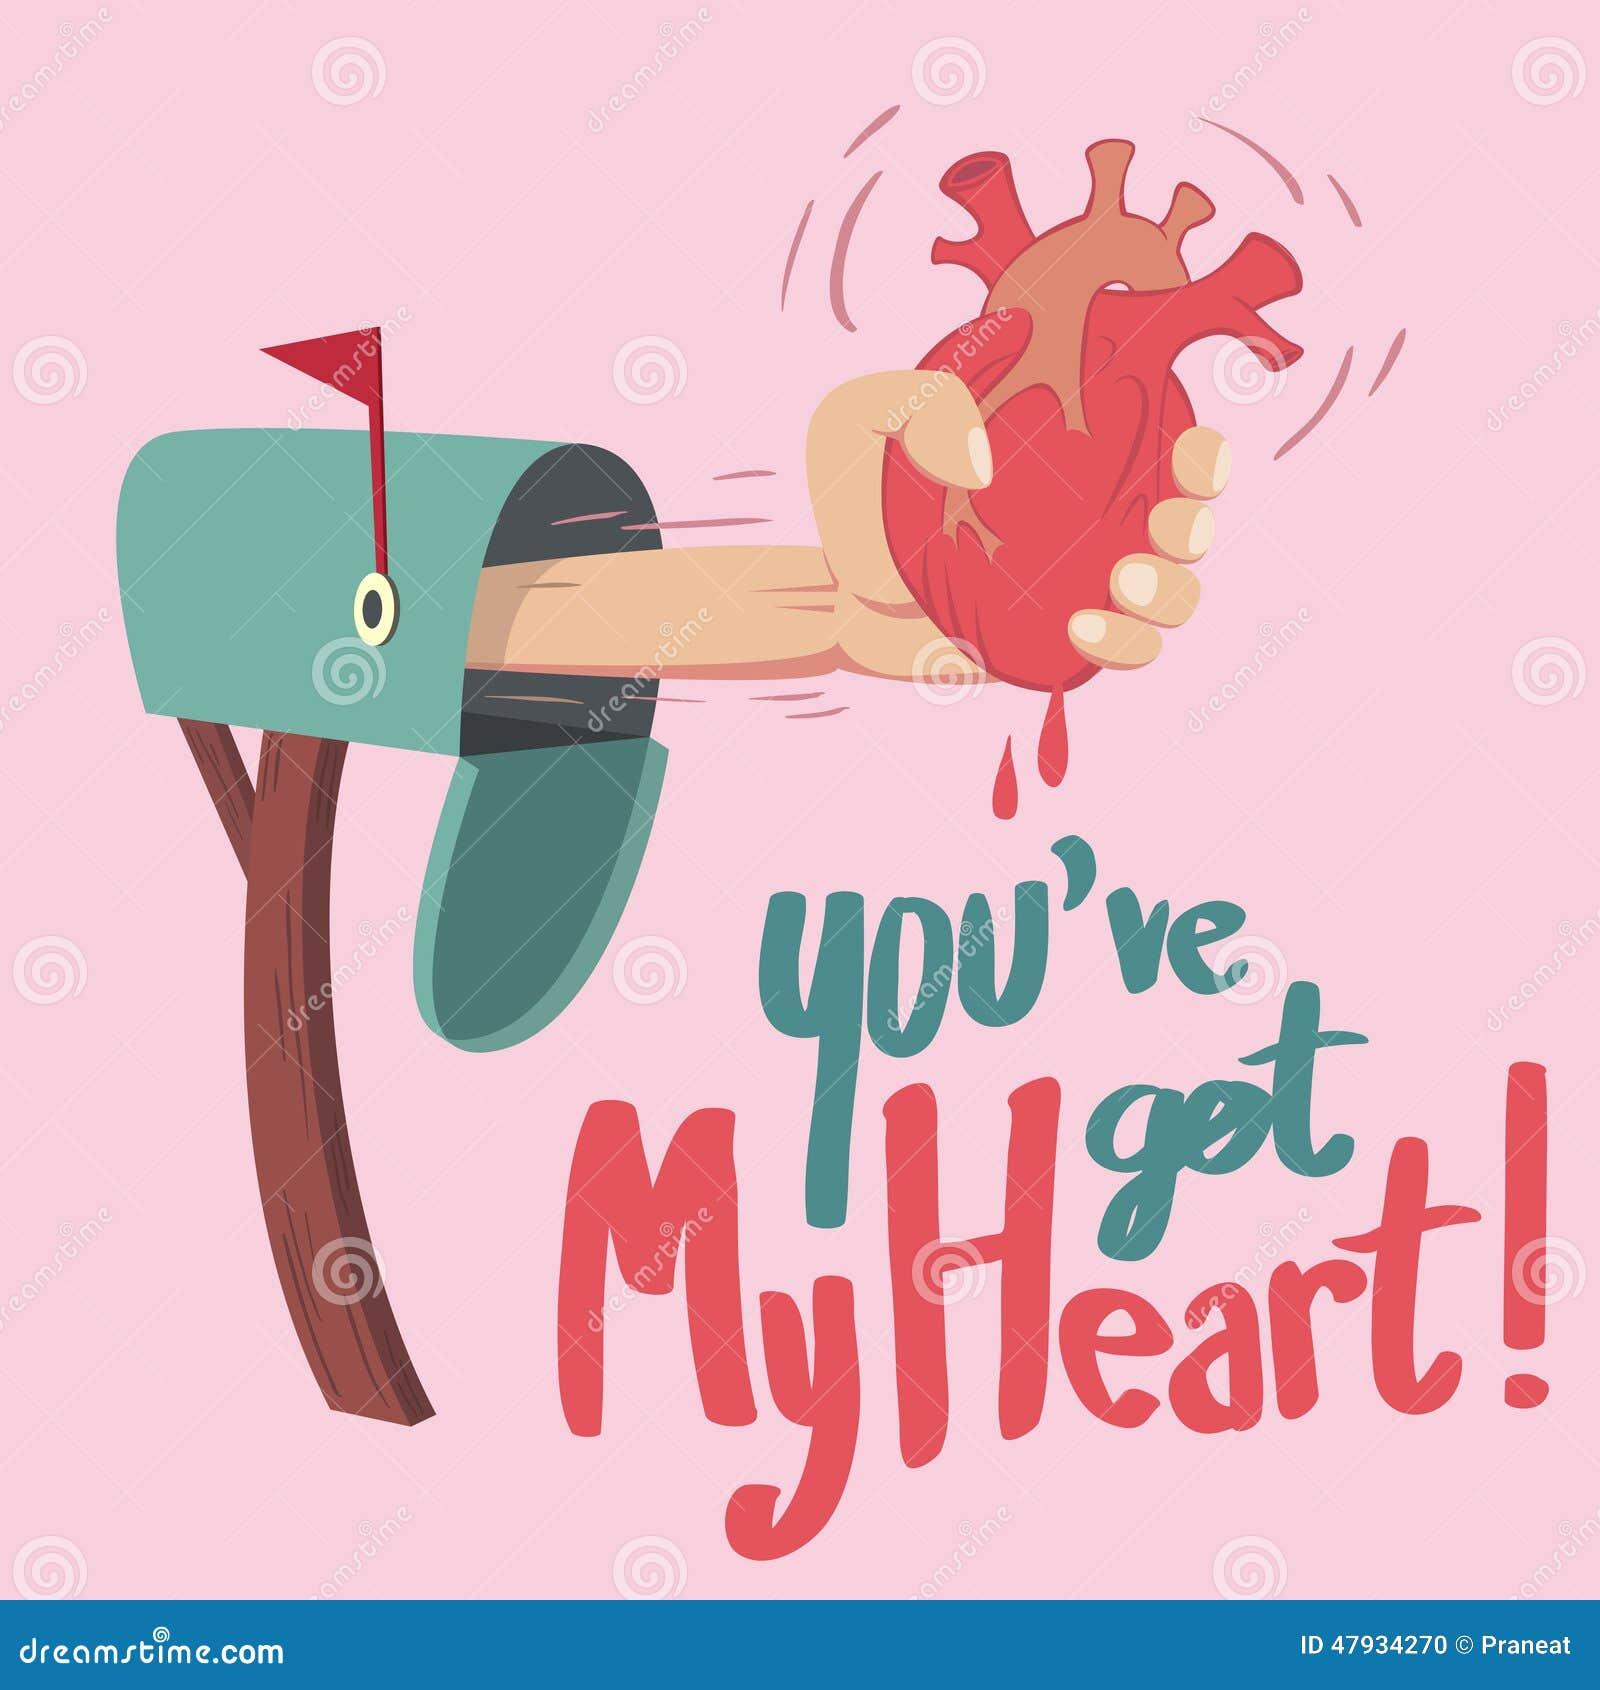 Ty miałeś serce!